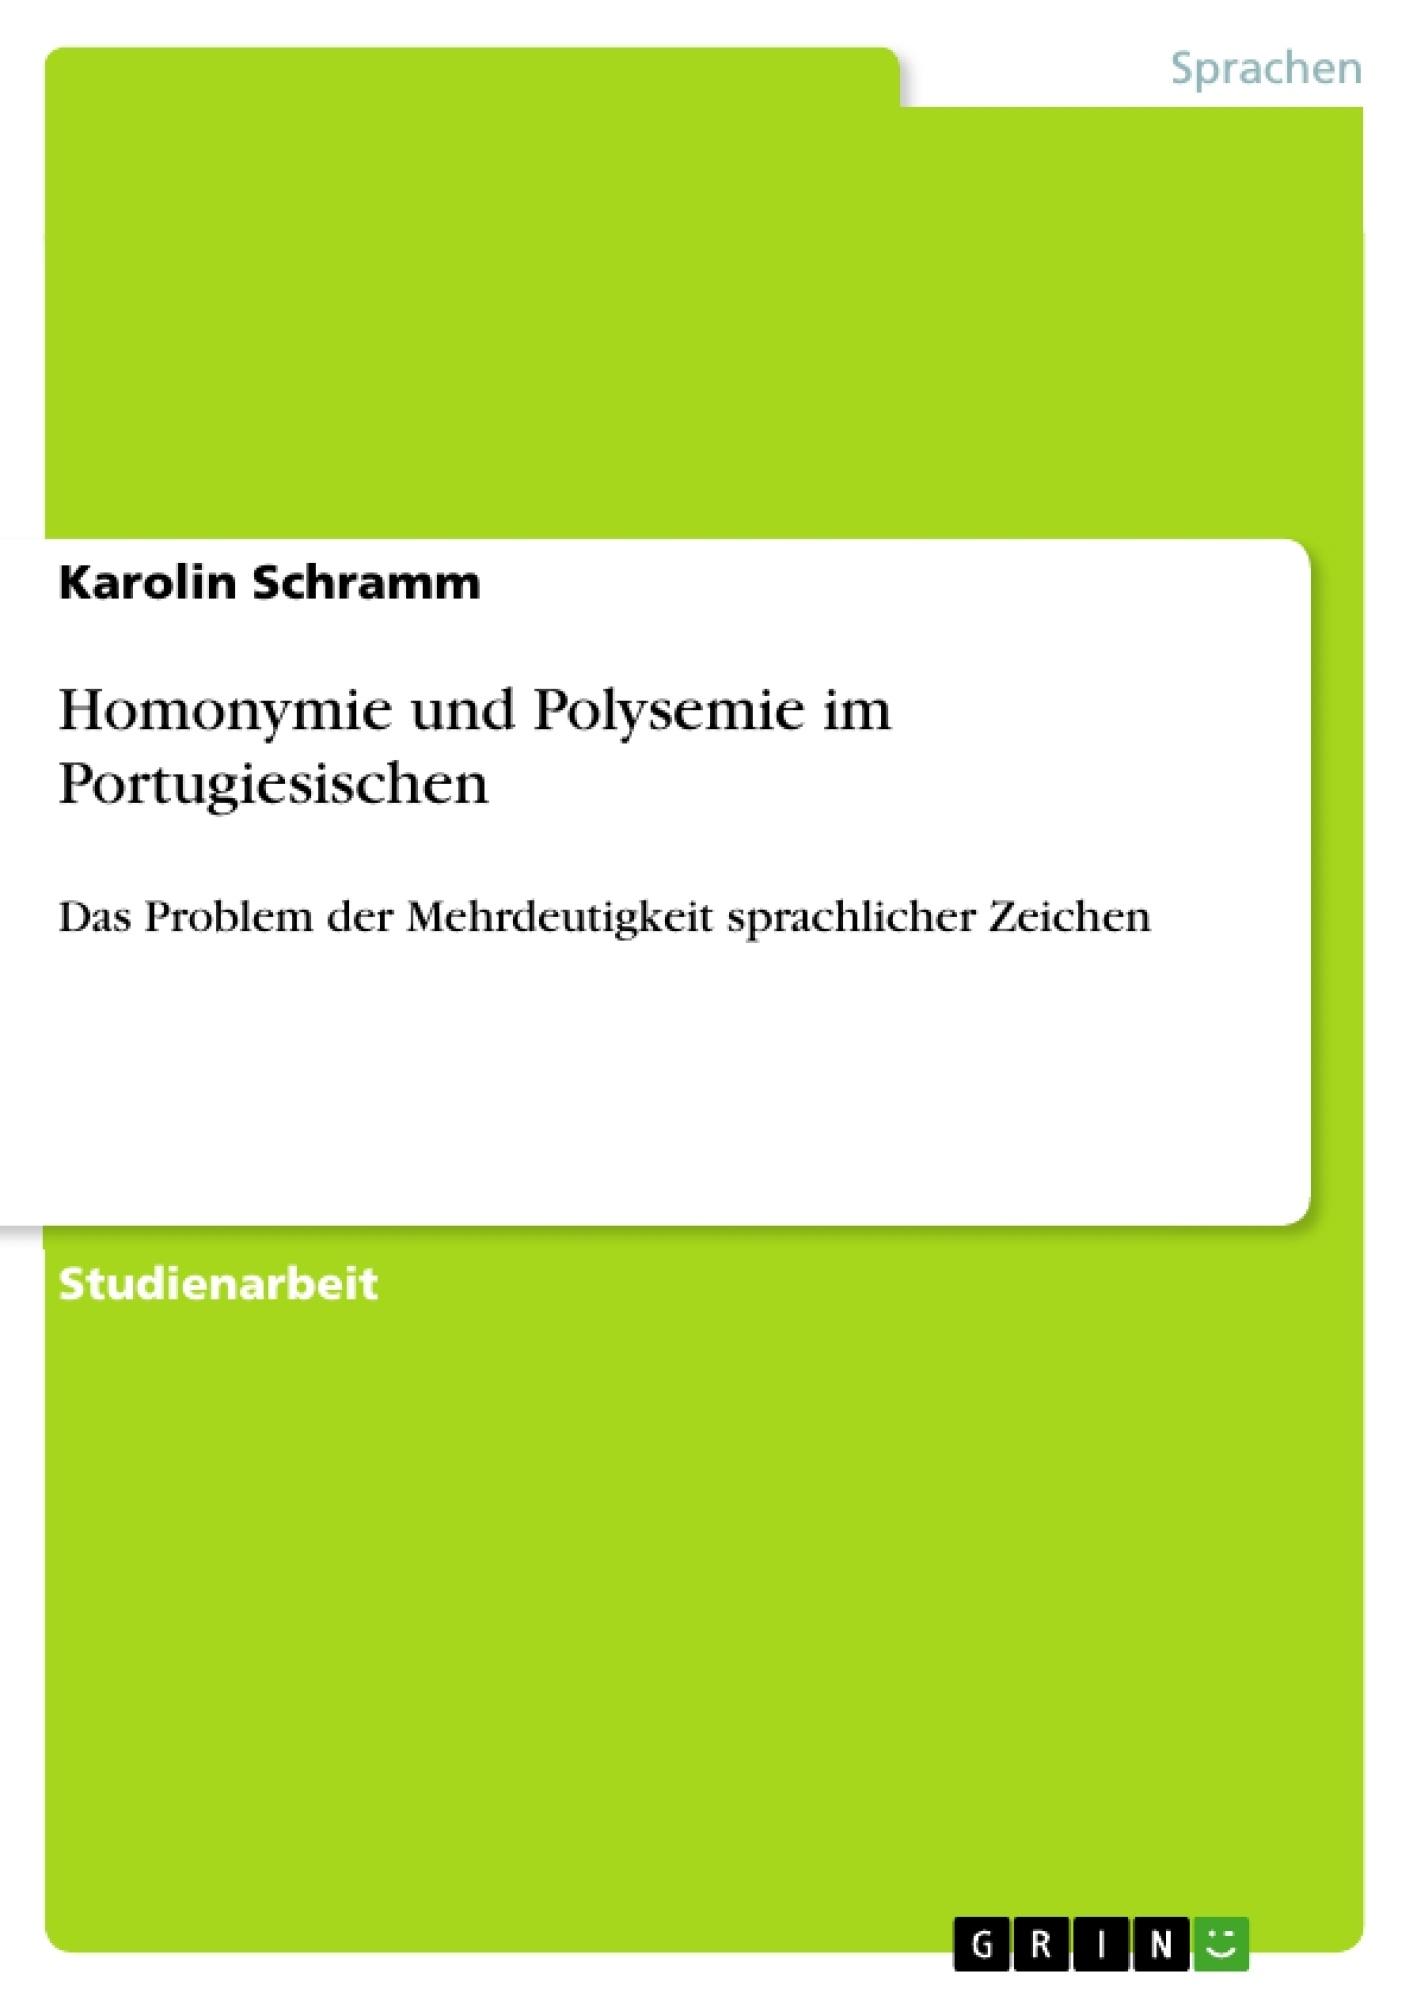 Titel: Homonymie und Polysemie im Portugiesischen